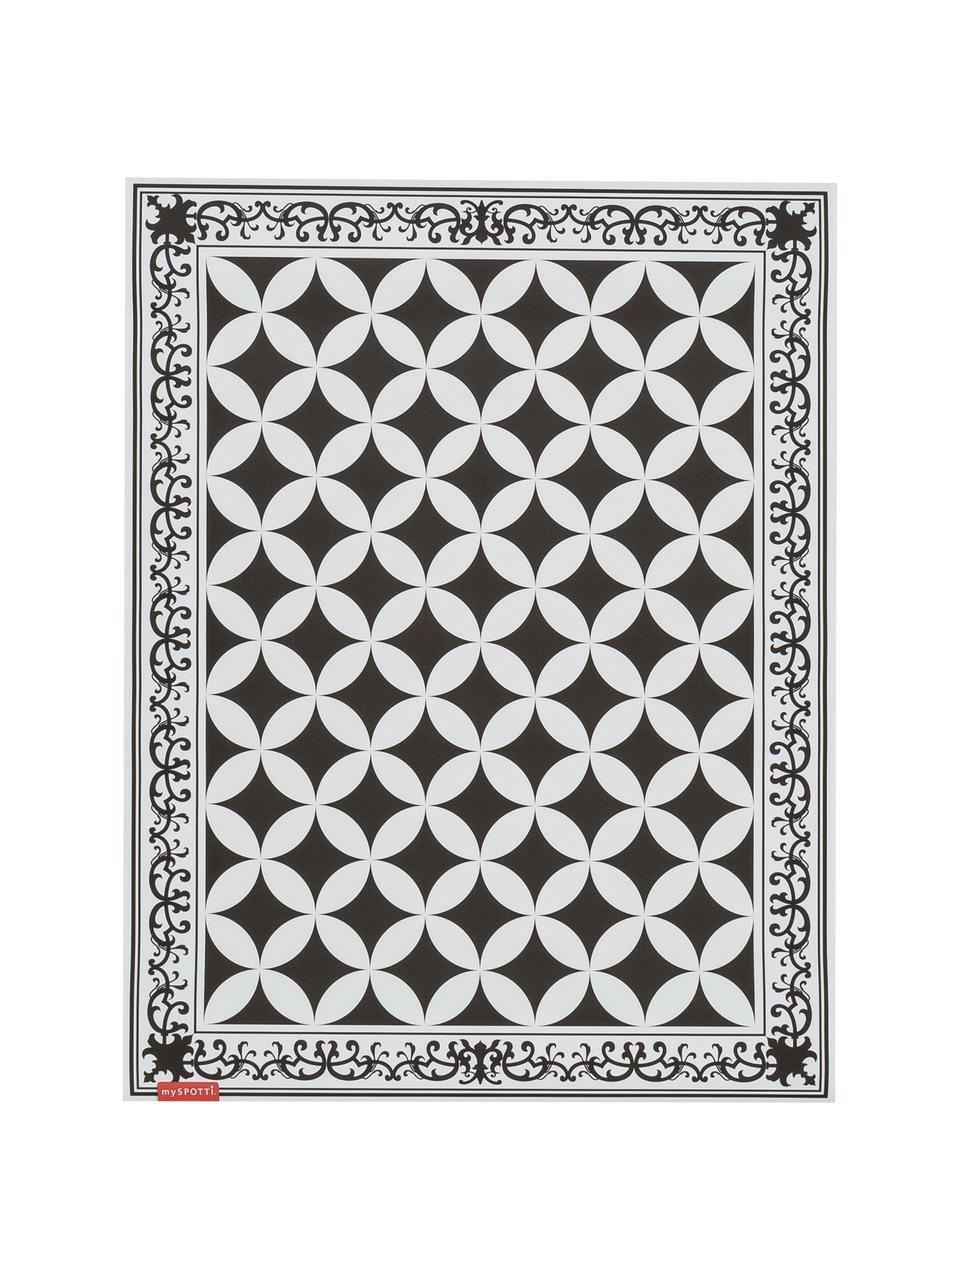 Tapis antidérapant intérieur extérieur en vinyle Chadi, Noir, blanc